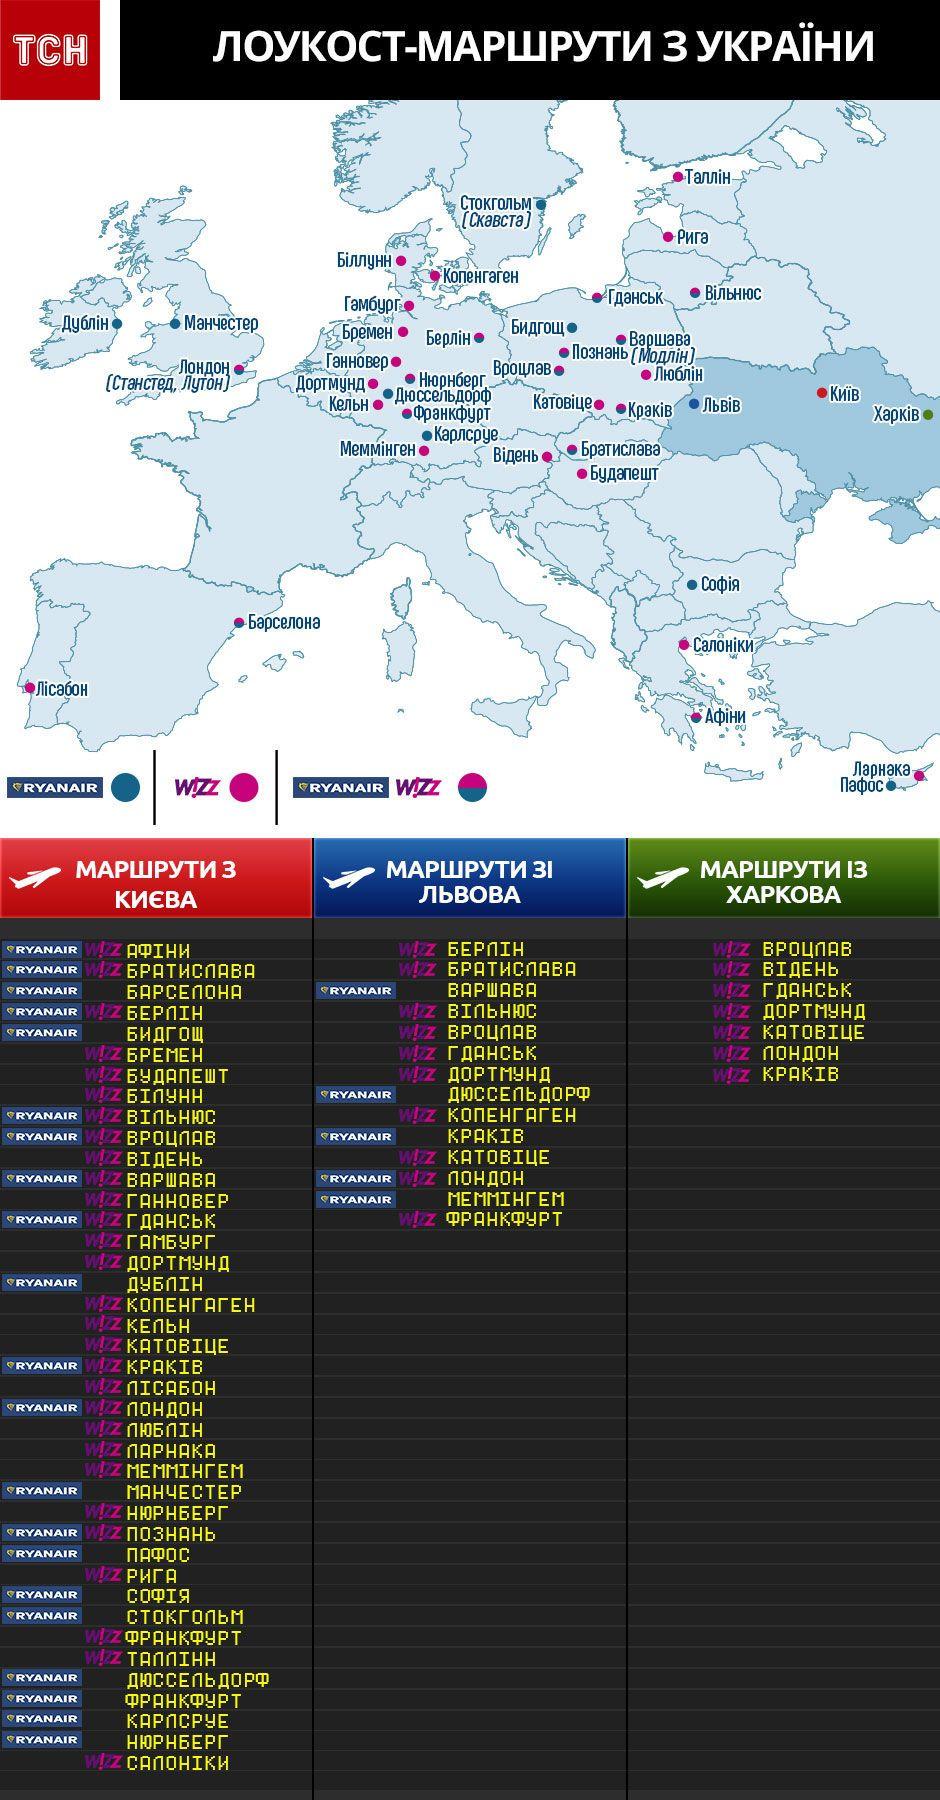 Лоукост, WizzAir, Ryanair усі маршрути лоукостів, Інфографіка